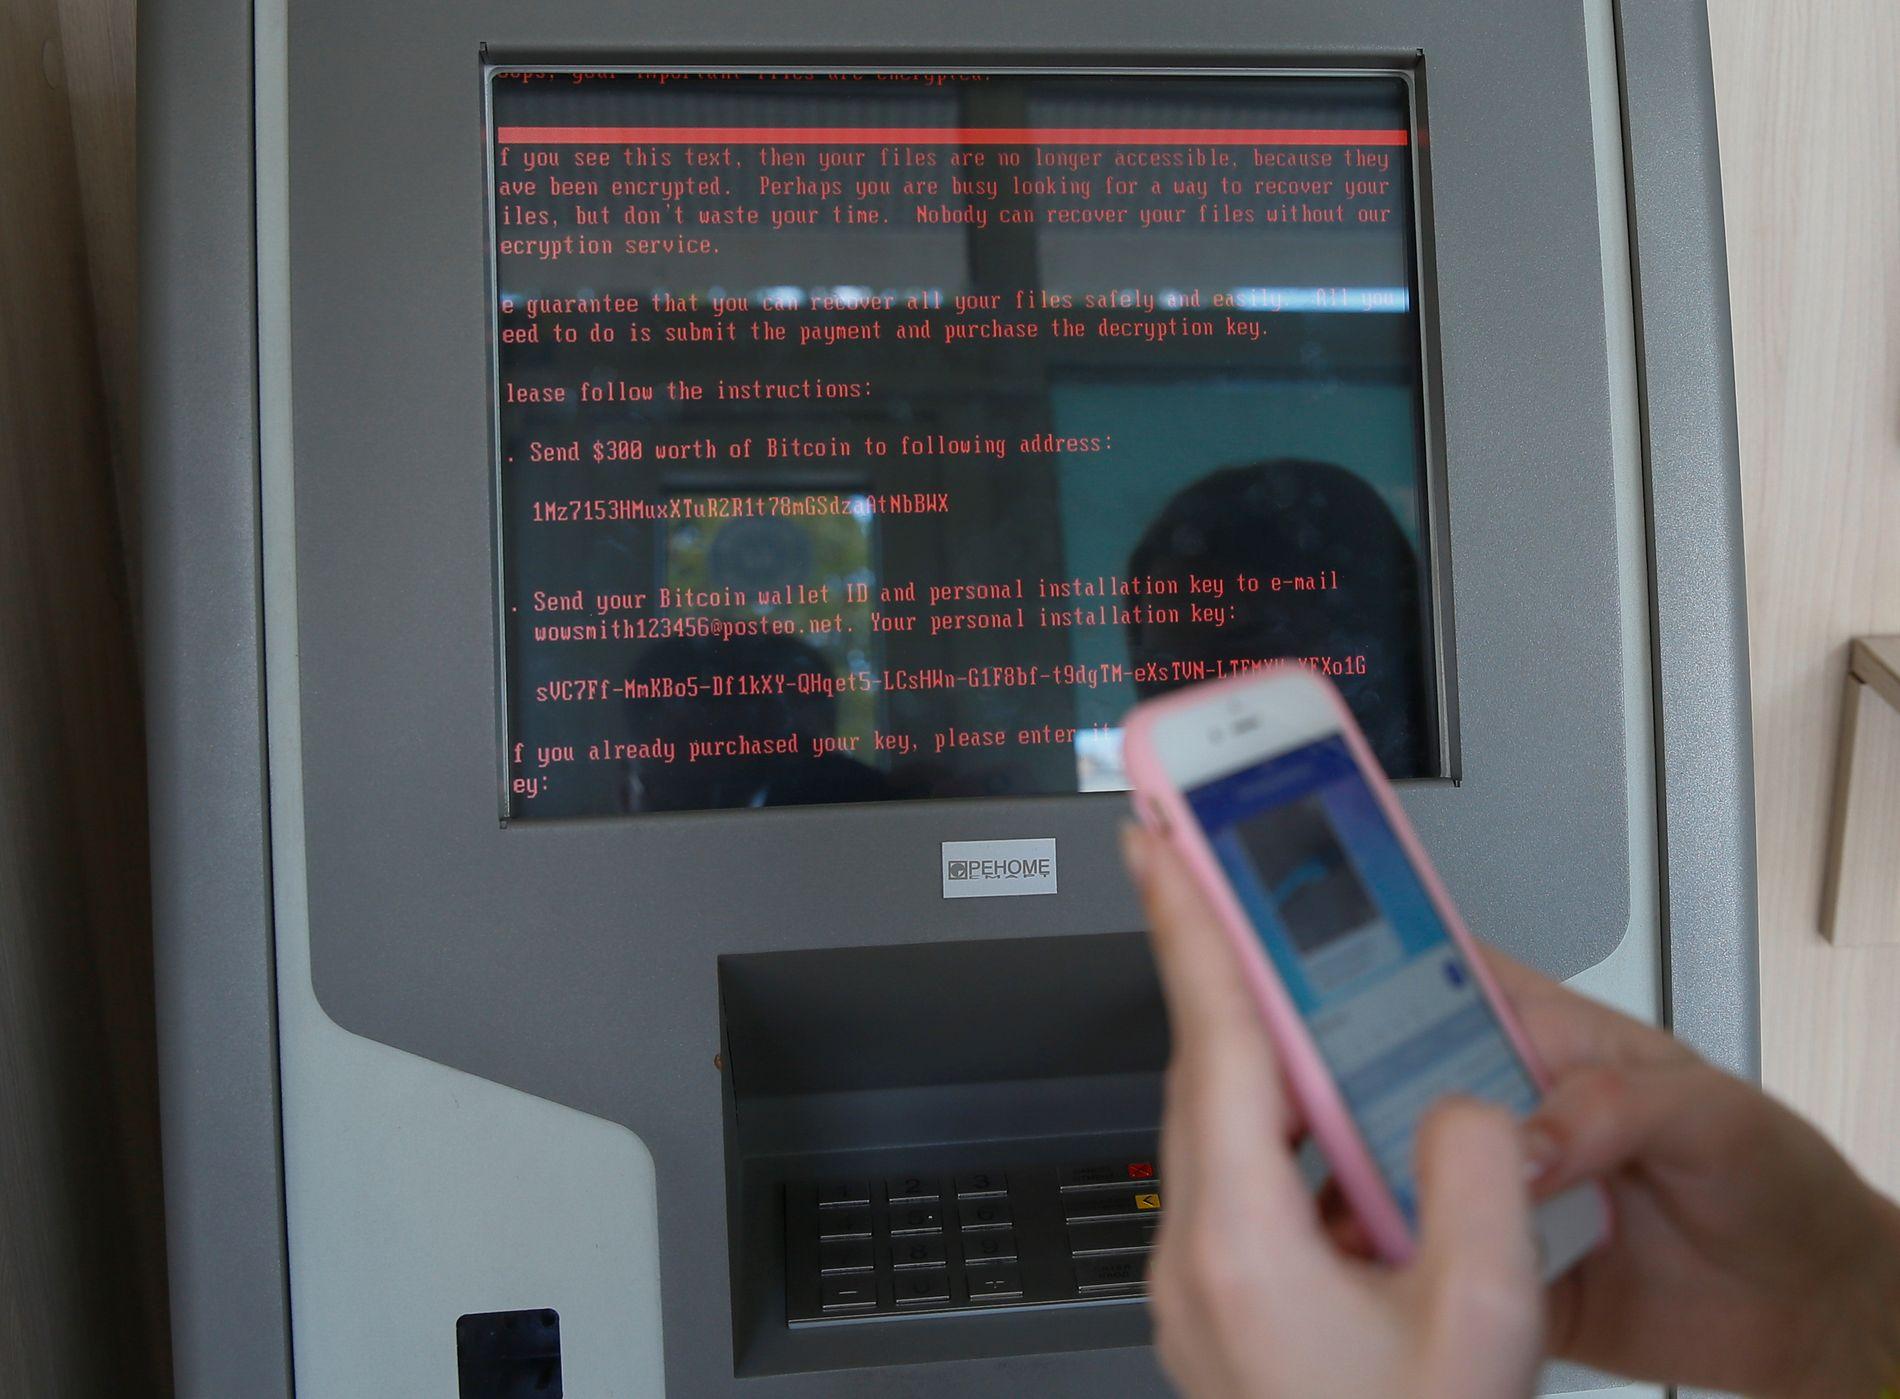 INFISERT: Viruset av typen Petya har til og med spredt seg til minibanker i Ukraina. Her vises beskjeden som ber om 300 dollar i Bitcoins for å låse opp «maskinen» på en minibank eid av den statseide banken Oschadbank i Kiev.